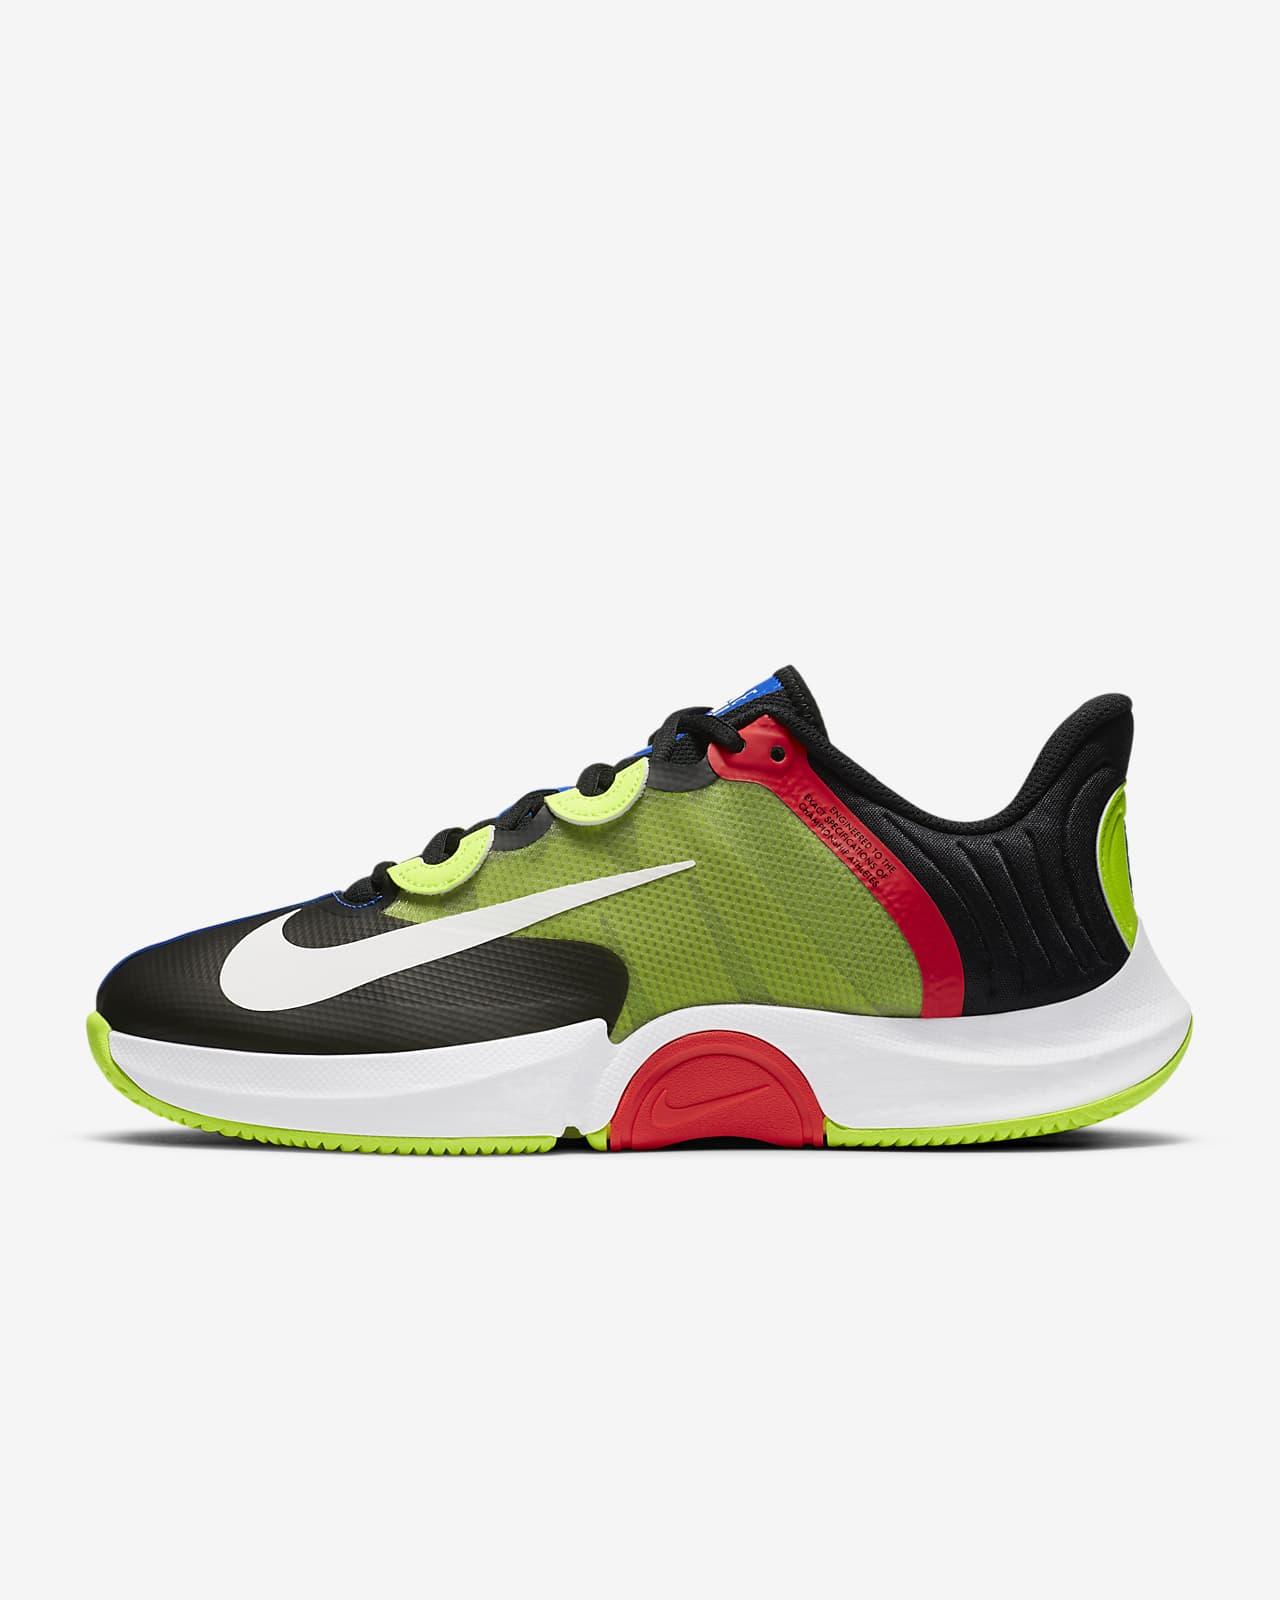 NikeCourt Air Zoom GP Turbo Zapatillas de tenis de pista rápida - Hombre